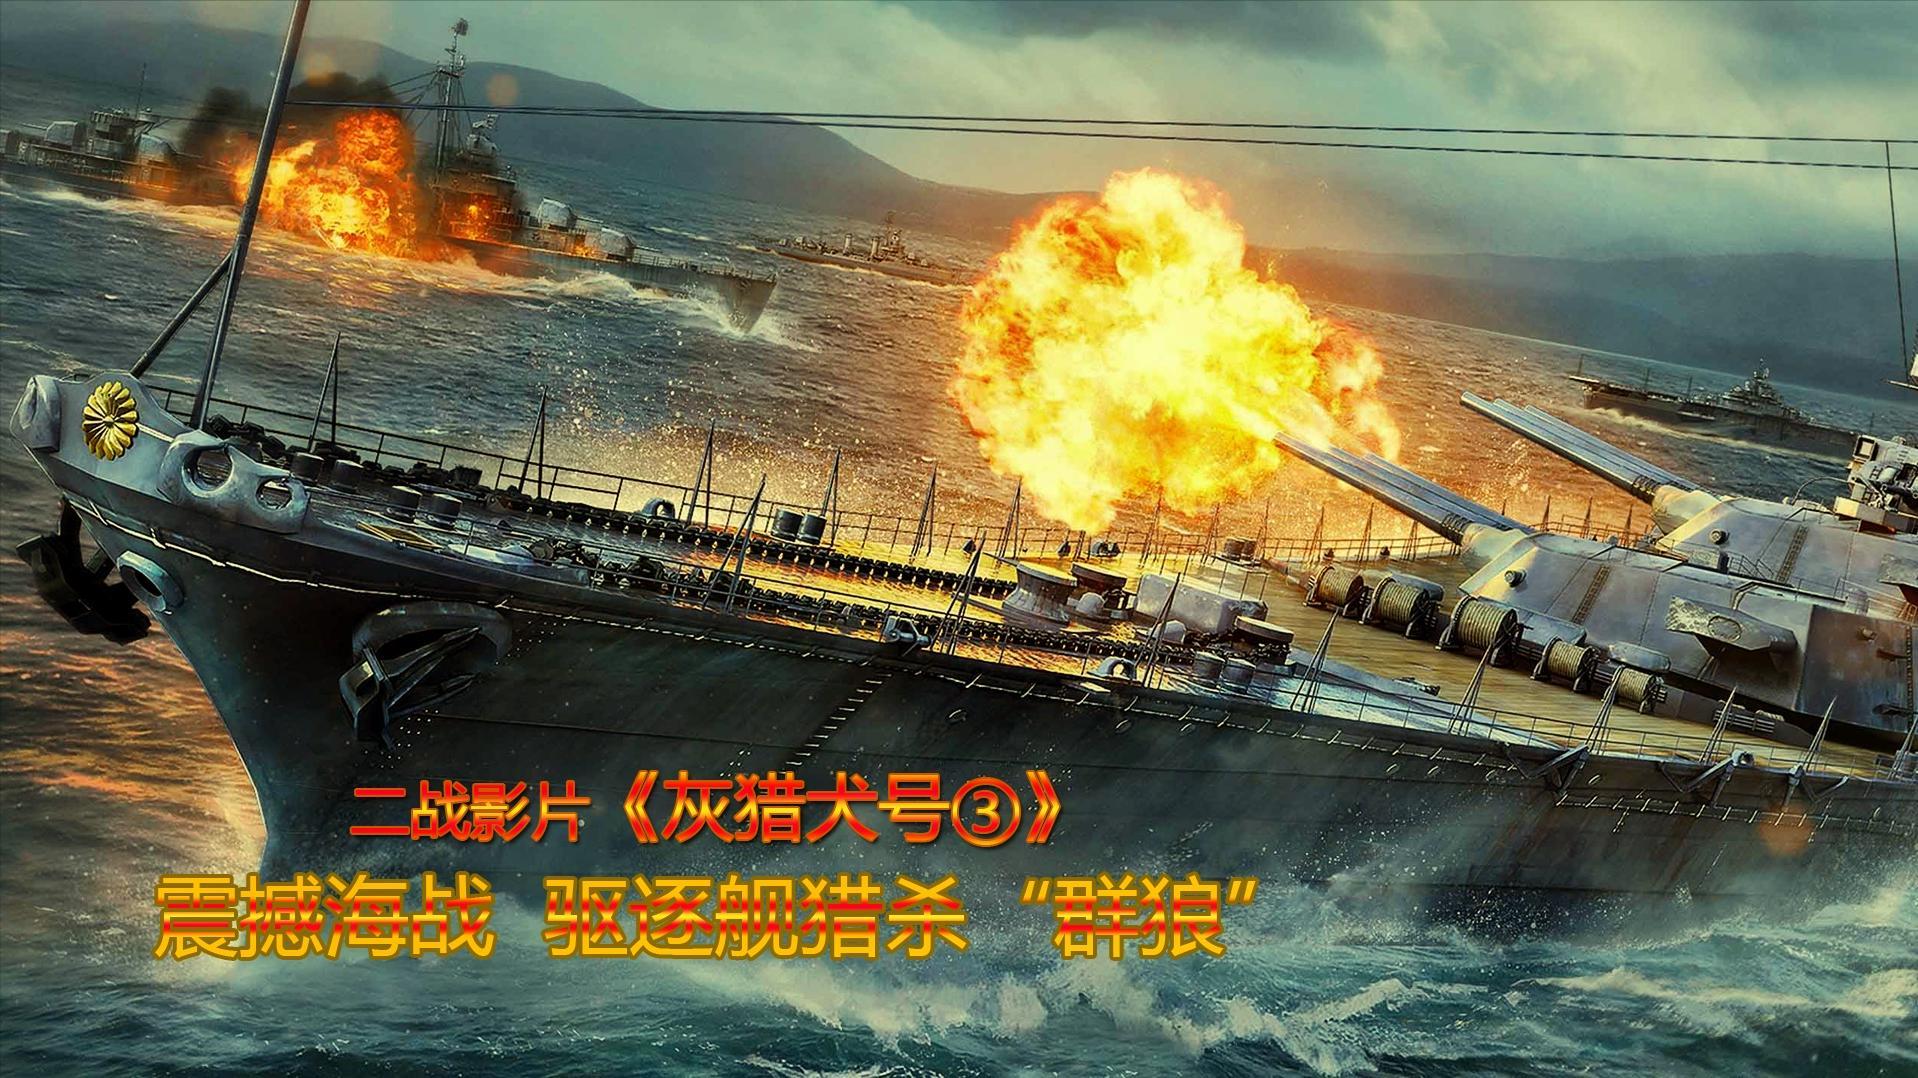 """欧美二战海战片,德军的""""群狼""""战术令美军护航编队恼火"""